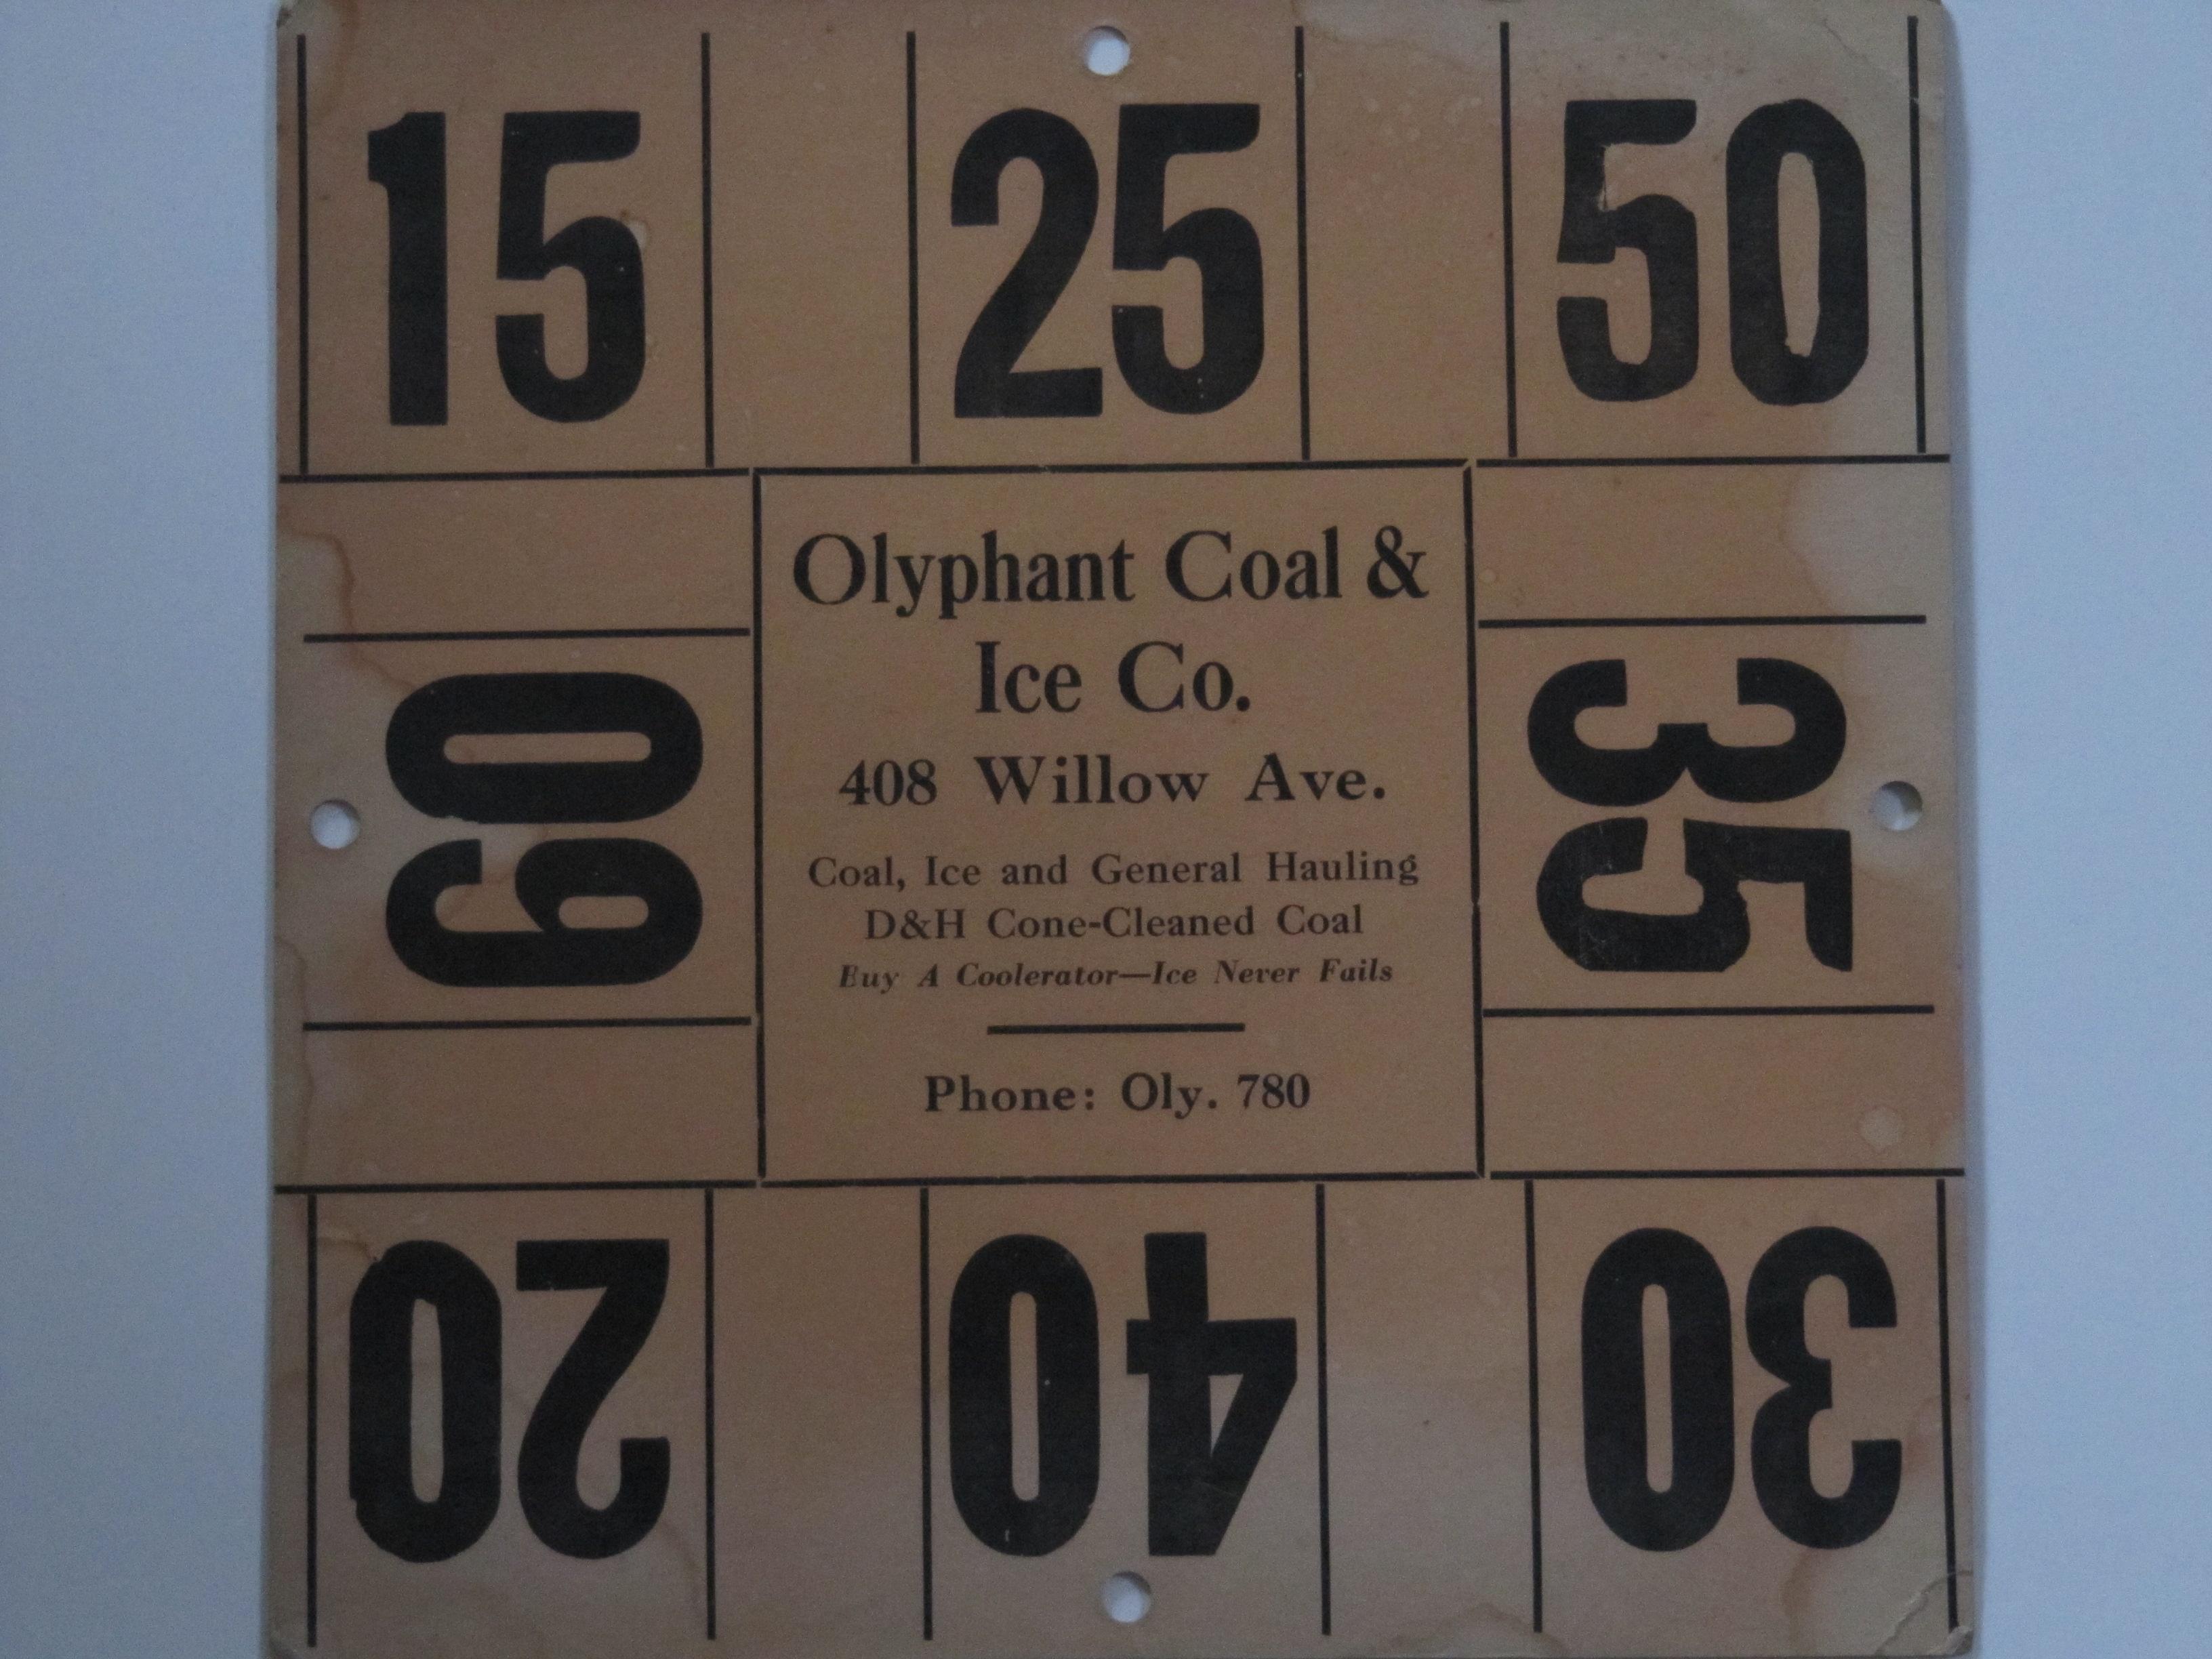 Olyphant Coal & Ice Co.